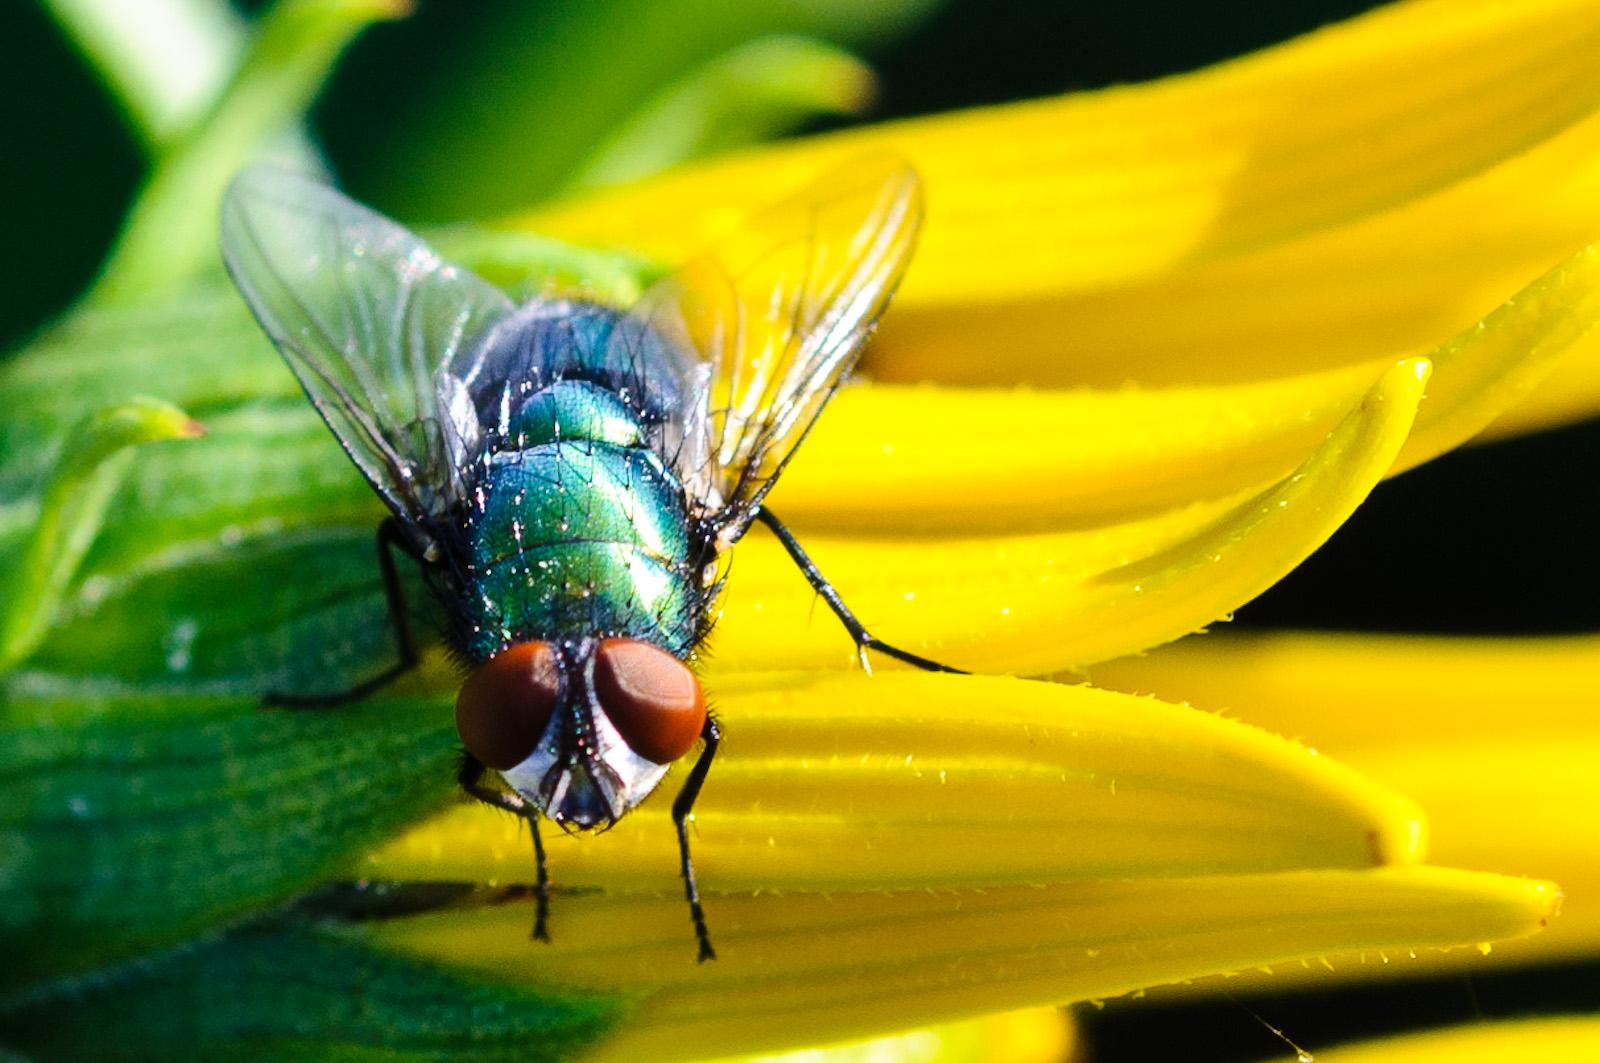 Fliege auf einem Mädchenauge in unserem Garten